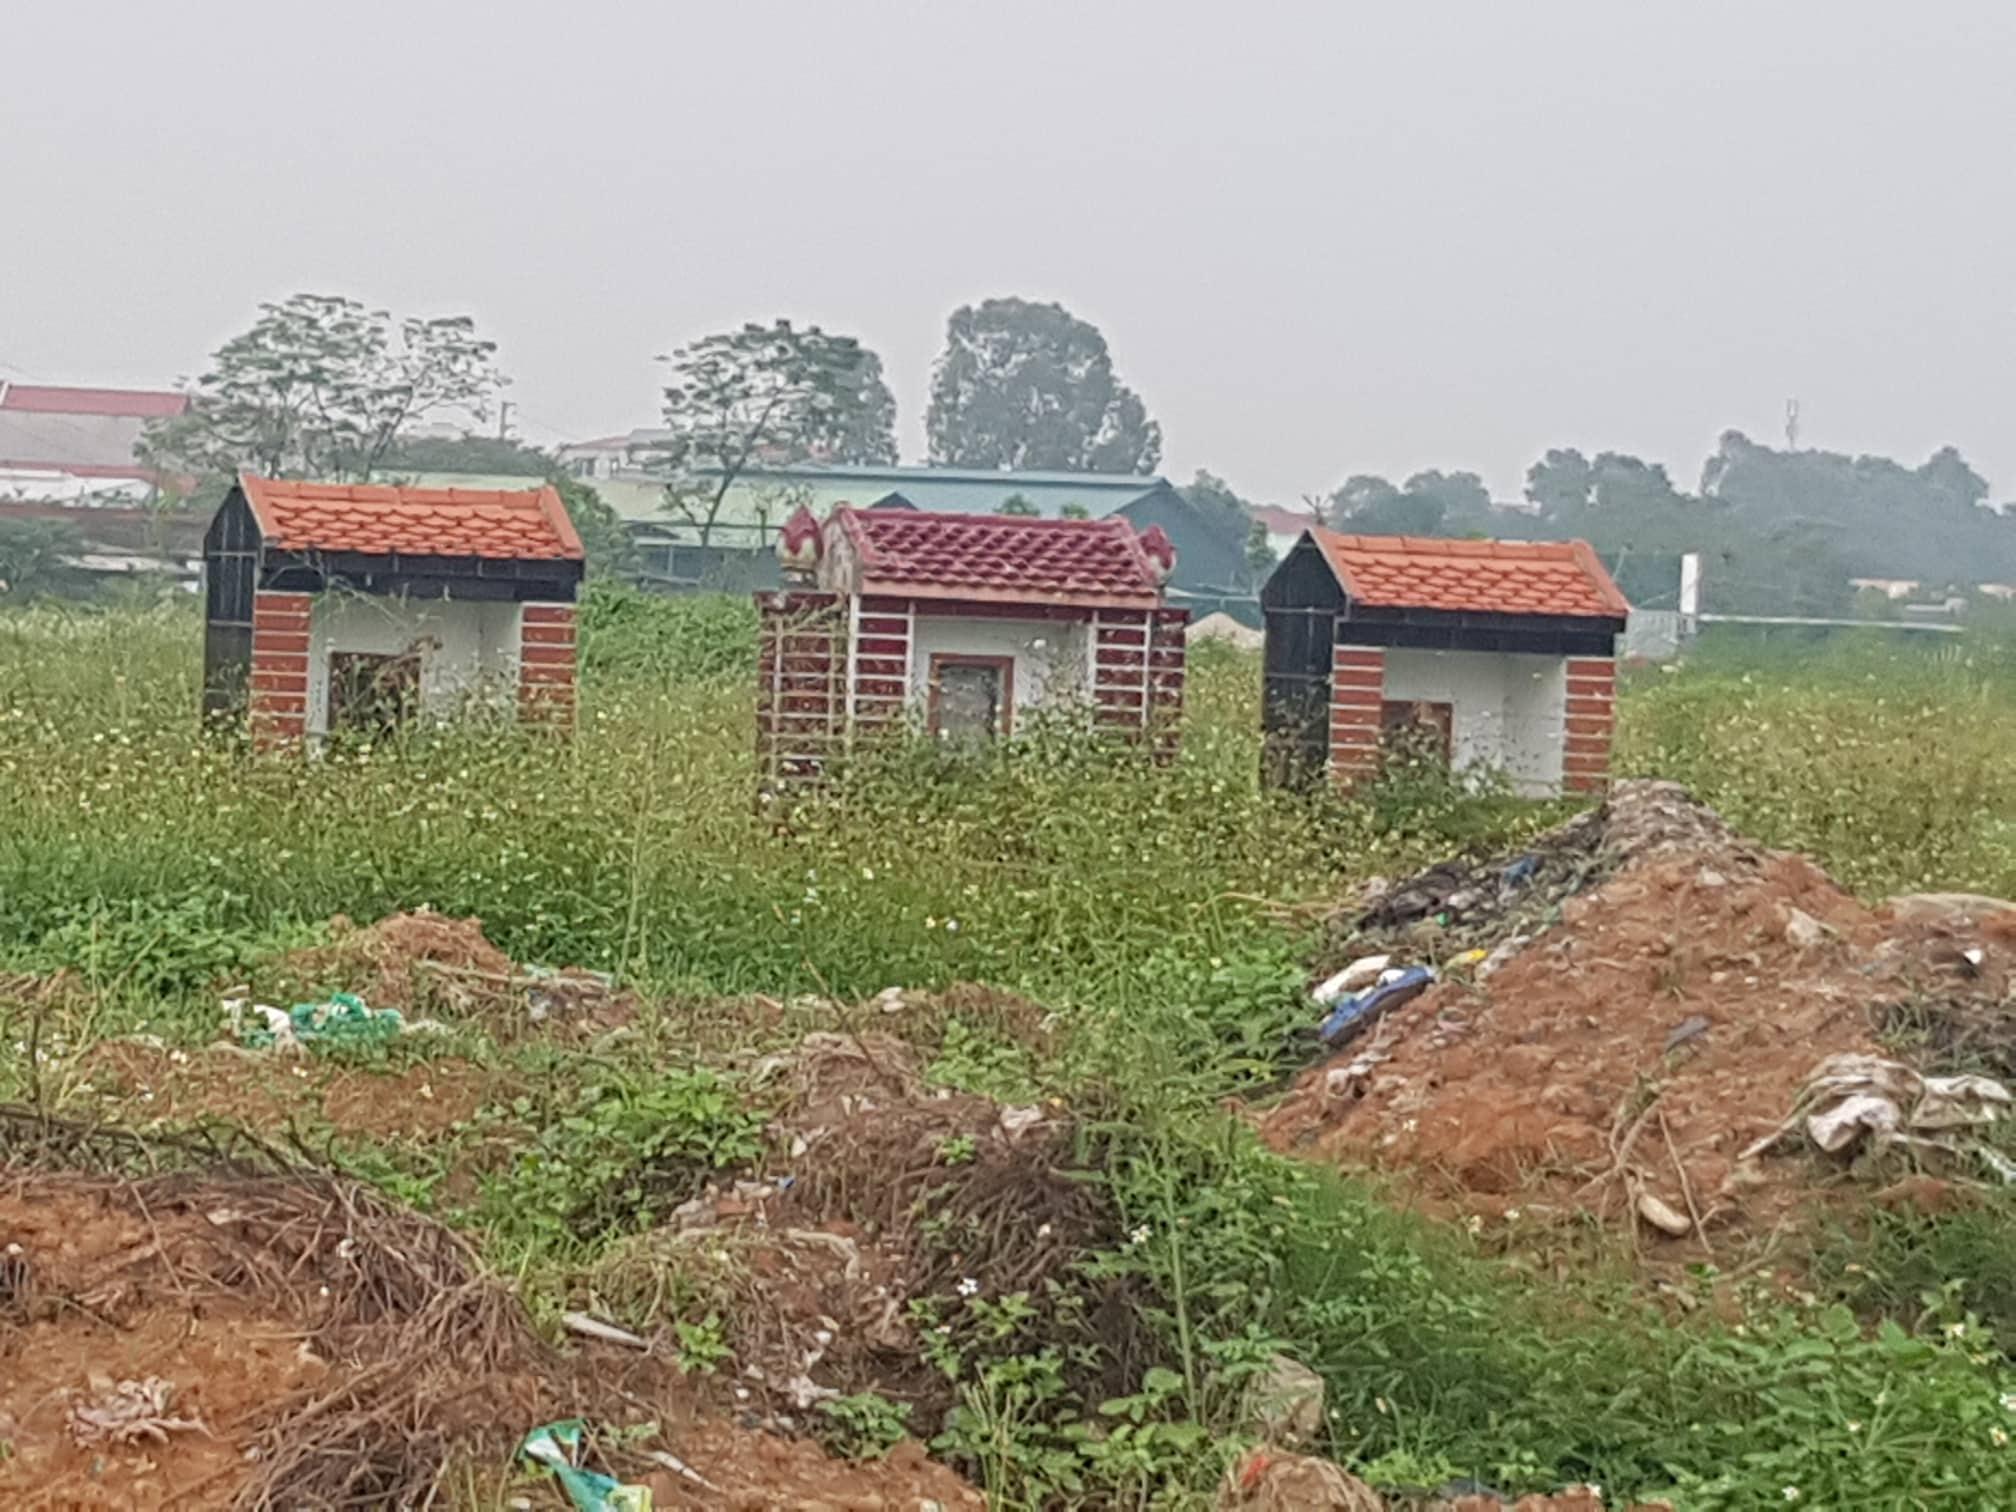 Dự án khu đô thị Trang Hạ - Từ Sơn: Một viễn cảnh đầy rủi ro - Ảnh 2